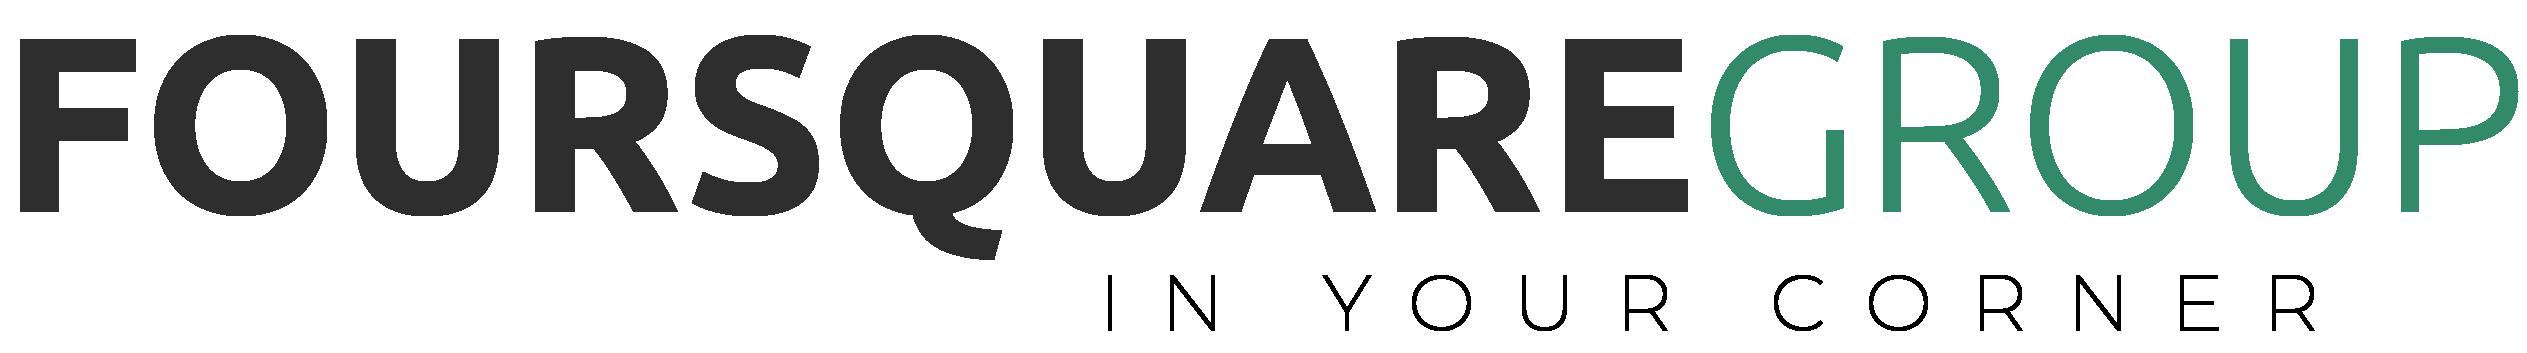 Read Foursquare Group Ltd Reviews